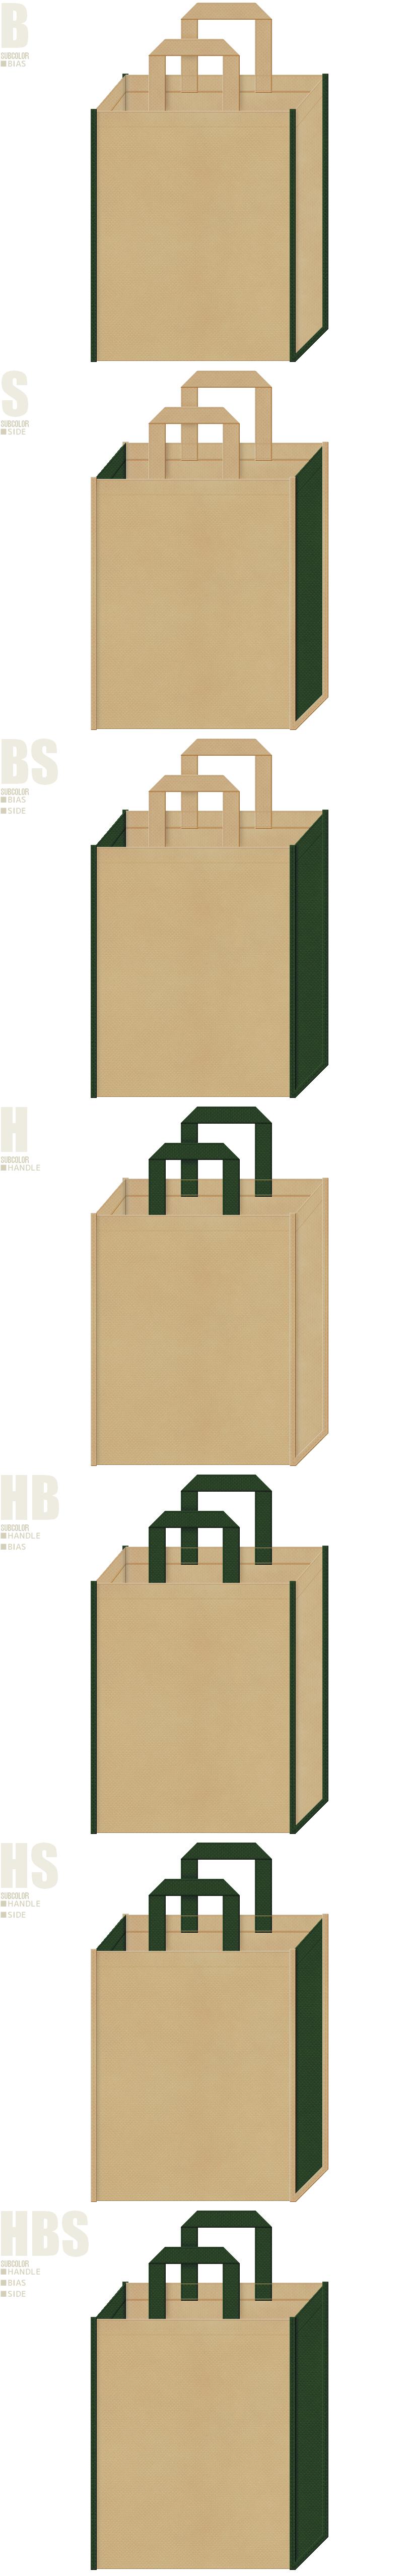 動物園・テーマパーク・探検・ジャングル・恐竜・サバンナ・サファリ・アニマル・DIY・登山・アウトドア・キャンプ用品の展示会用バッグにお奨めの不織布バッグデザイン:カーキ色と濃緑色の配色7パターン。